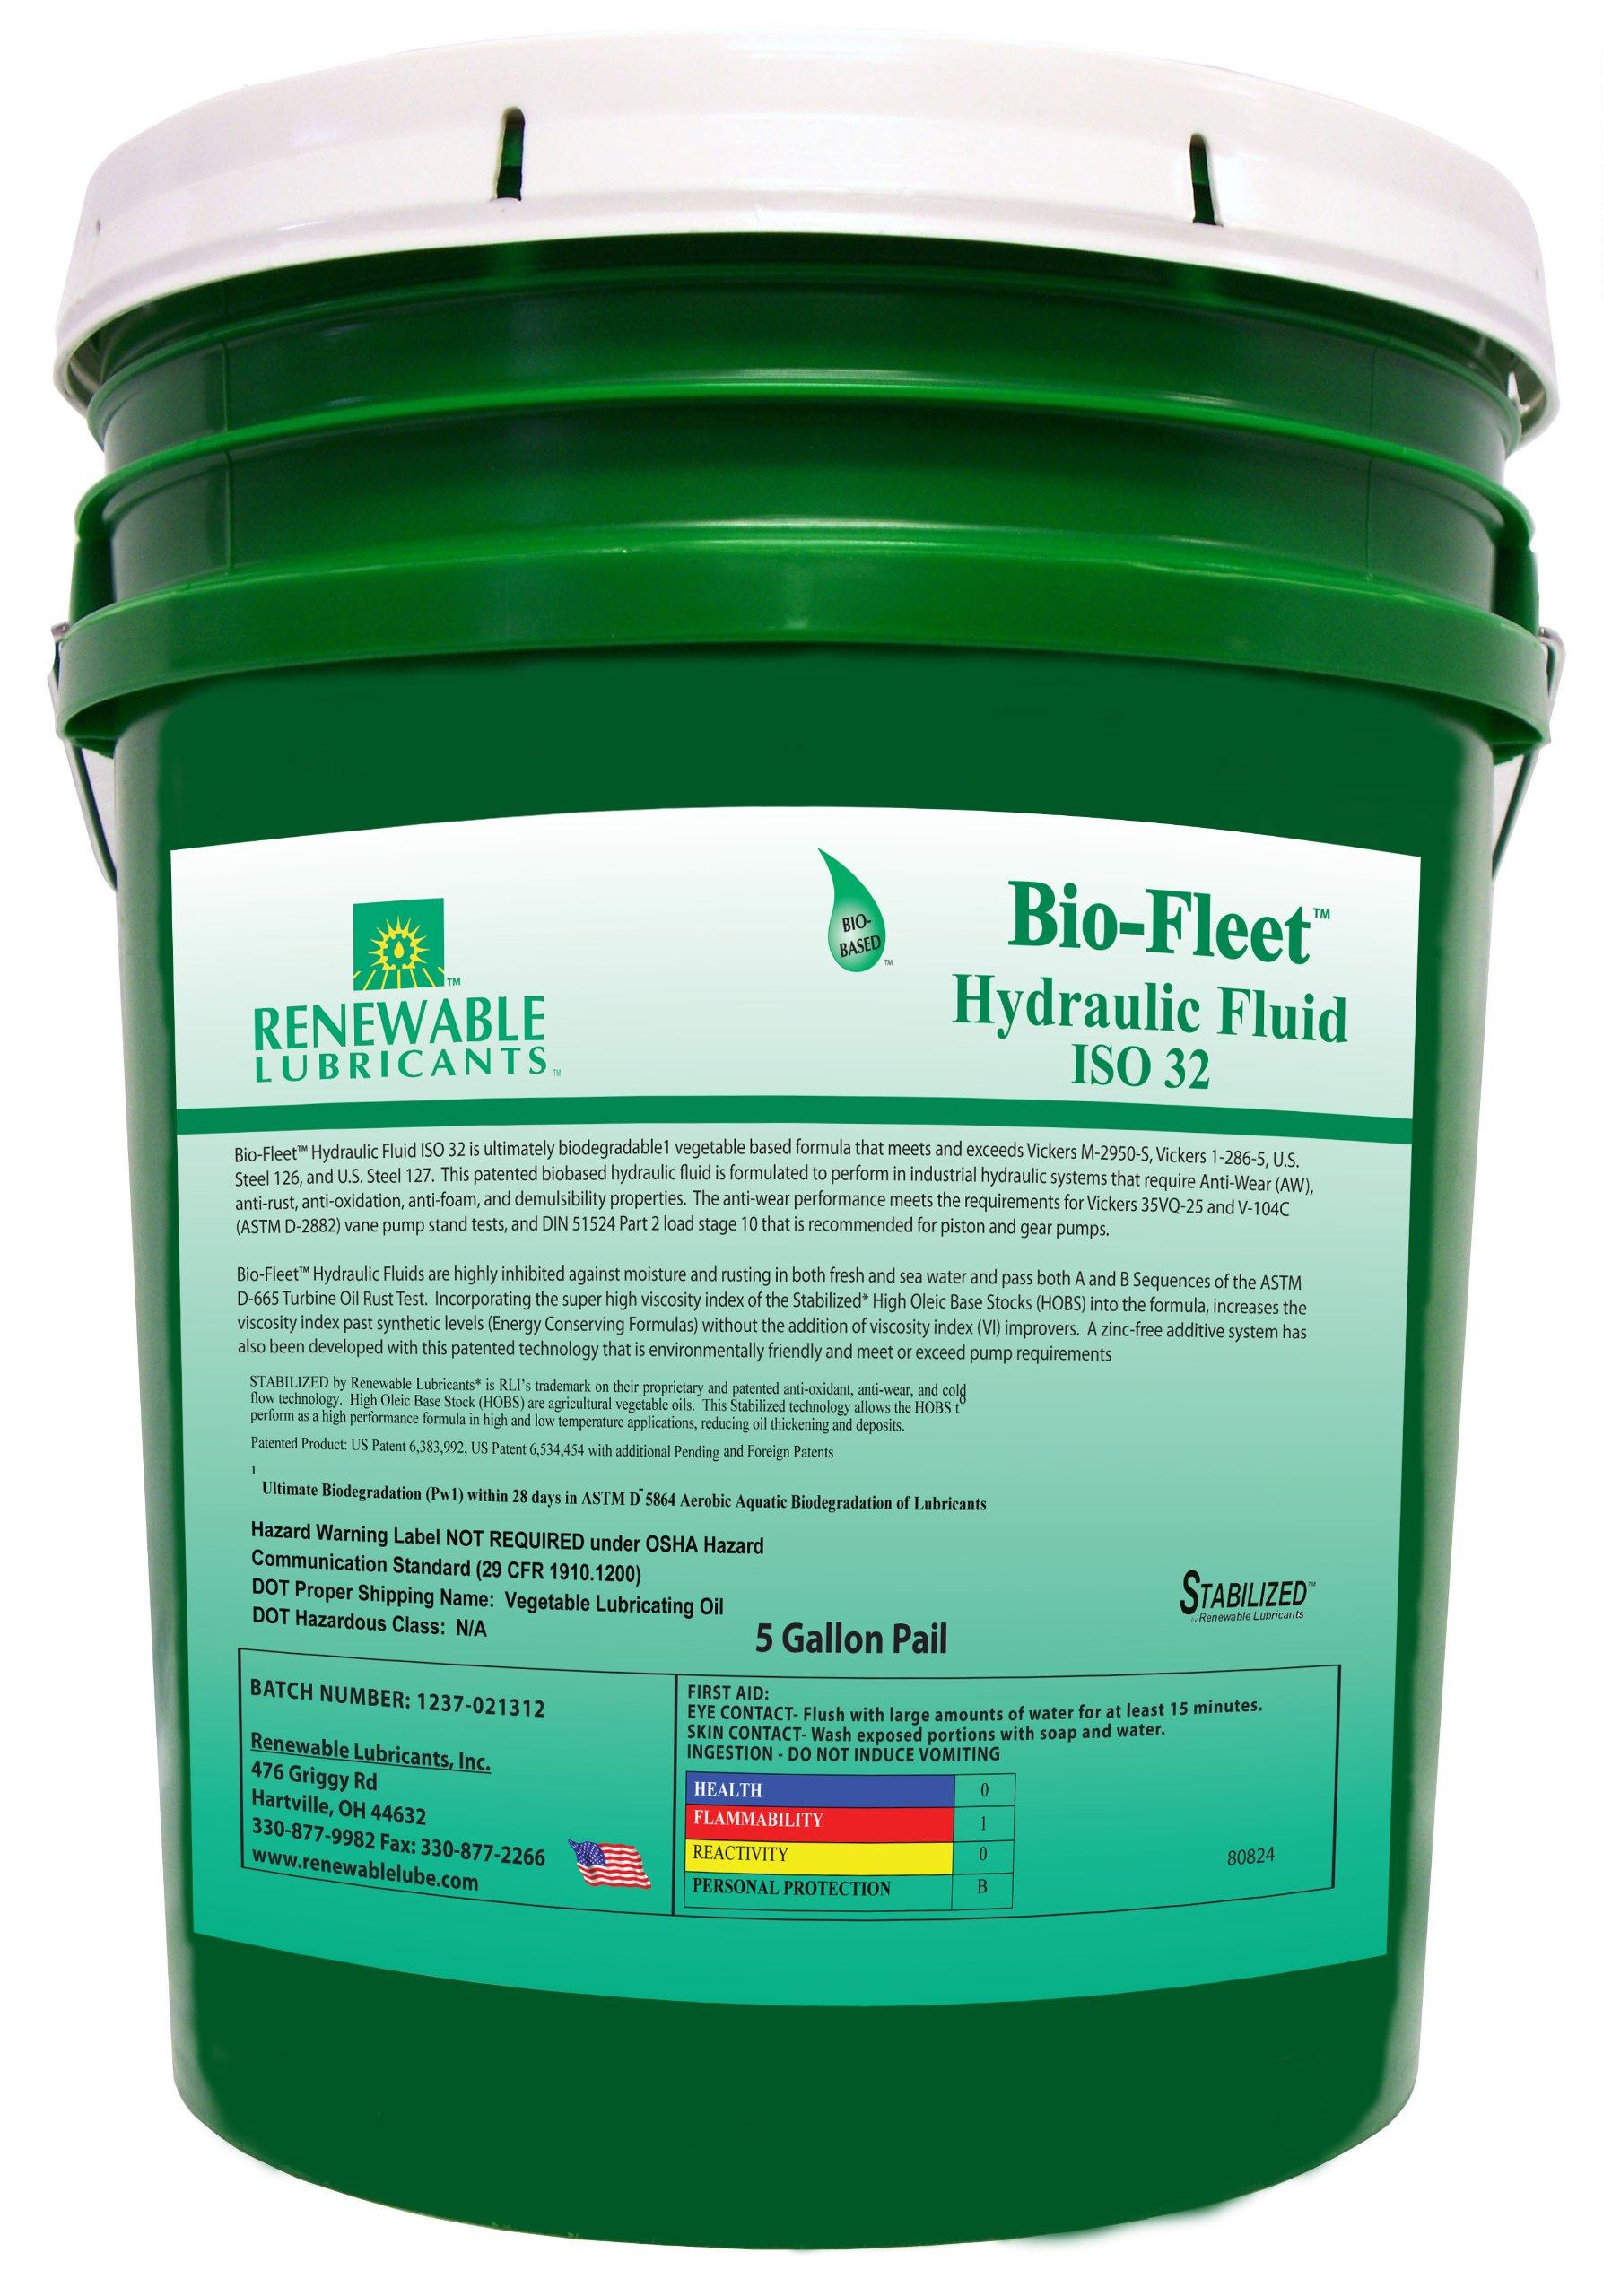 Renewable Lubricants Bio-Fleet ISO 32 Hydraulic Lubricant, 5 Gallon Pail by Renewable Lubricants